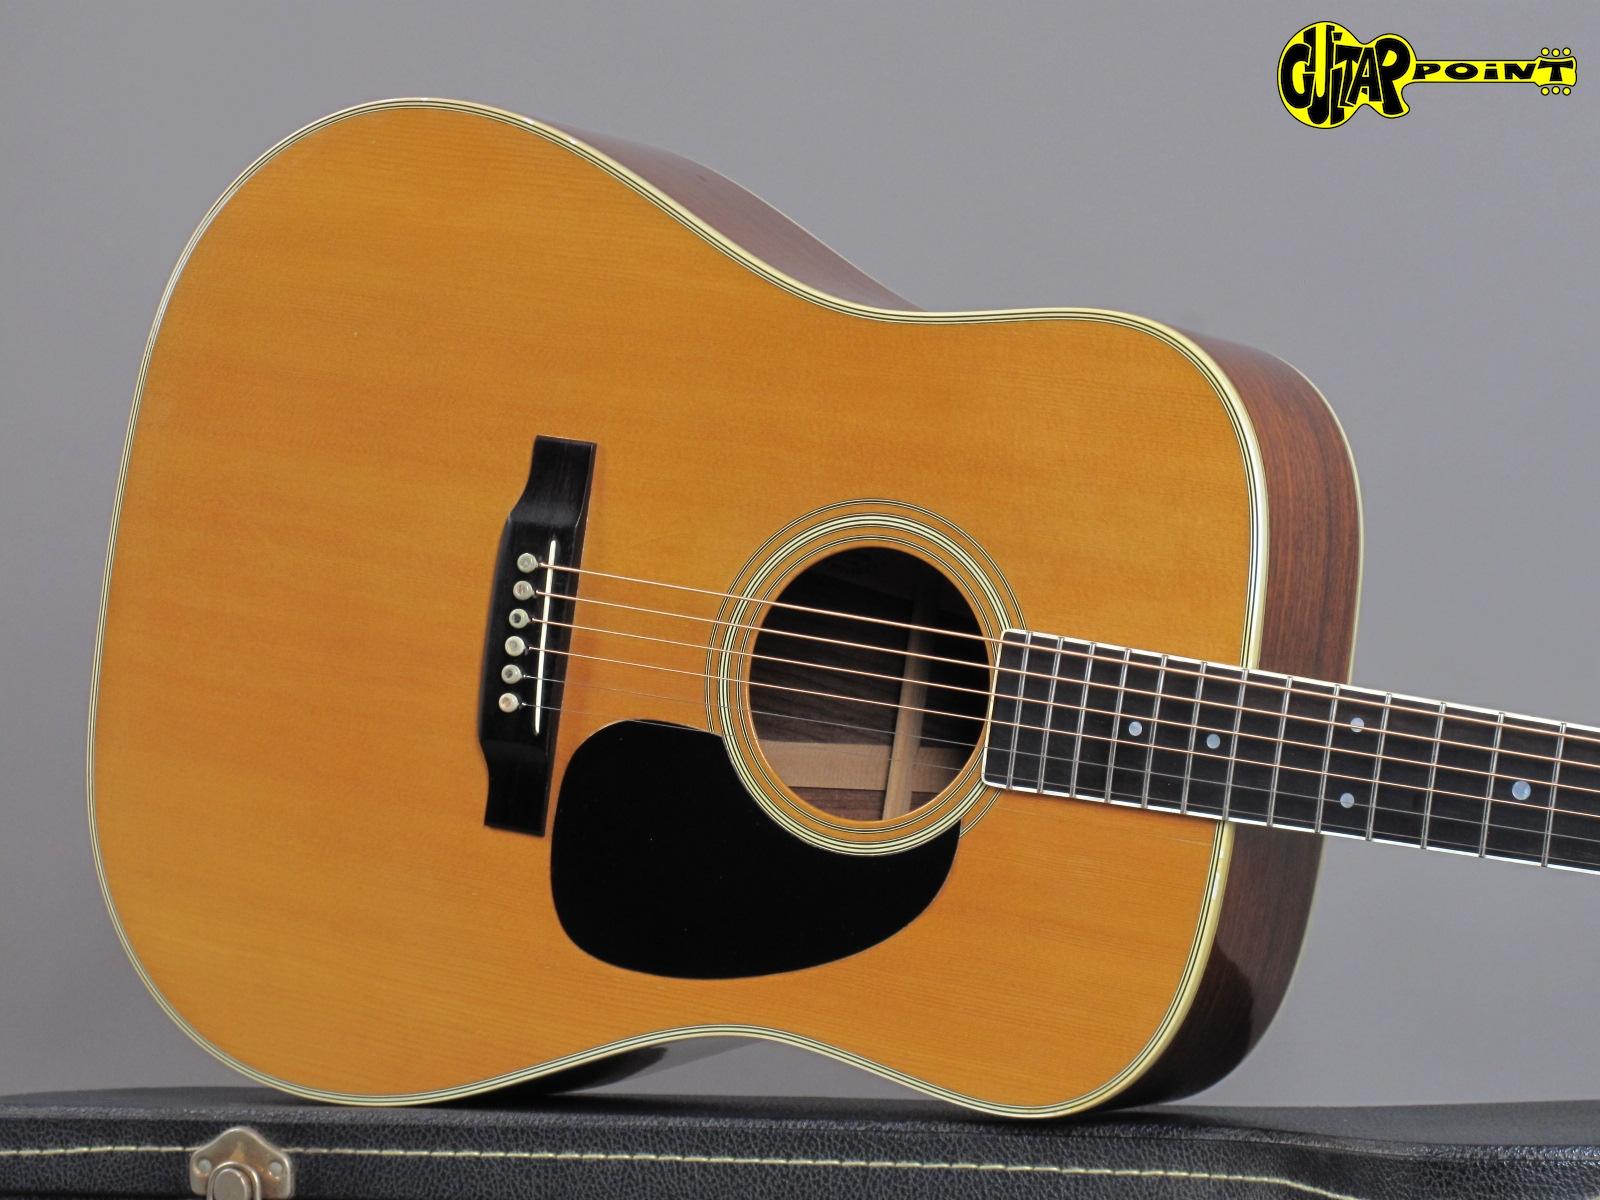 https://guitarpoint.de/app/uploads/products/1971-martin-d-35-natural/Martin75D35NT281456_19.jpg